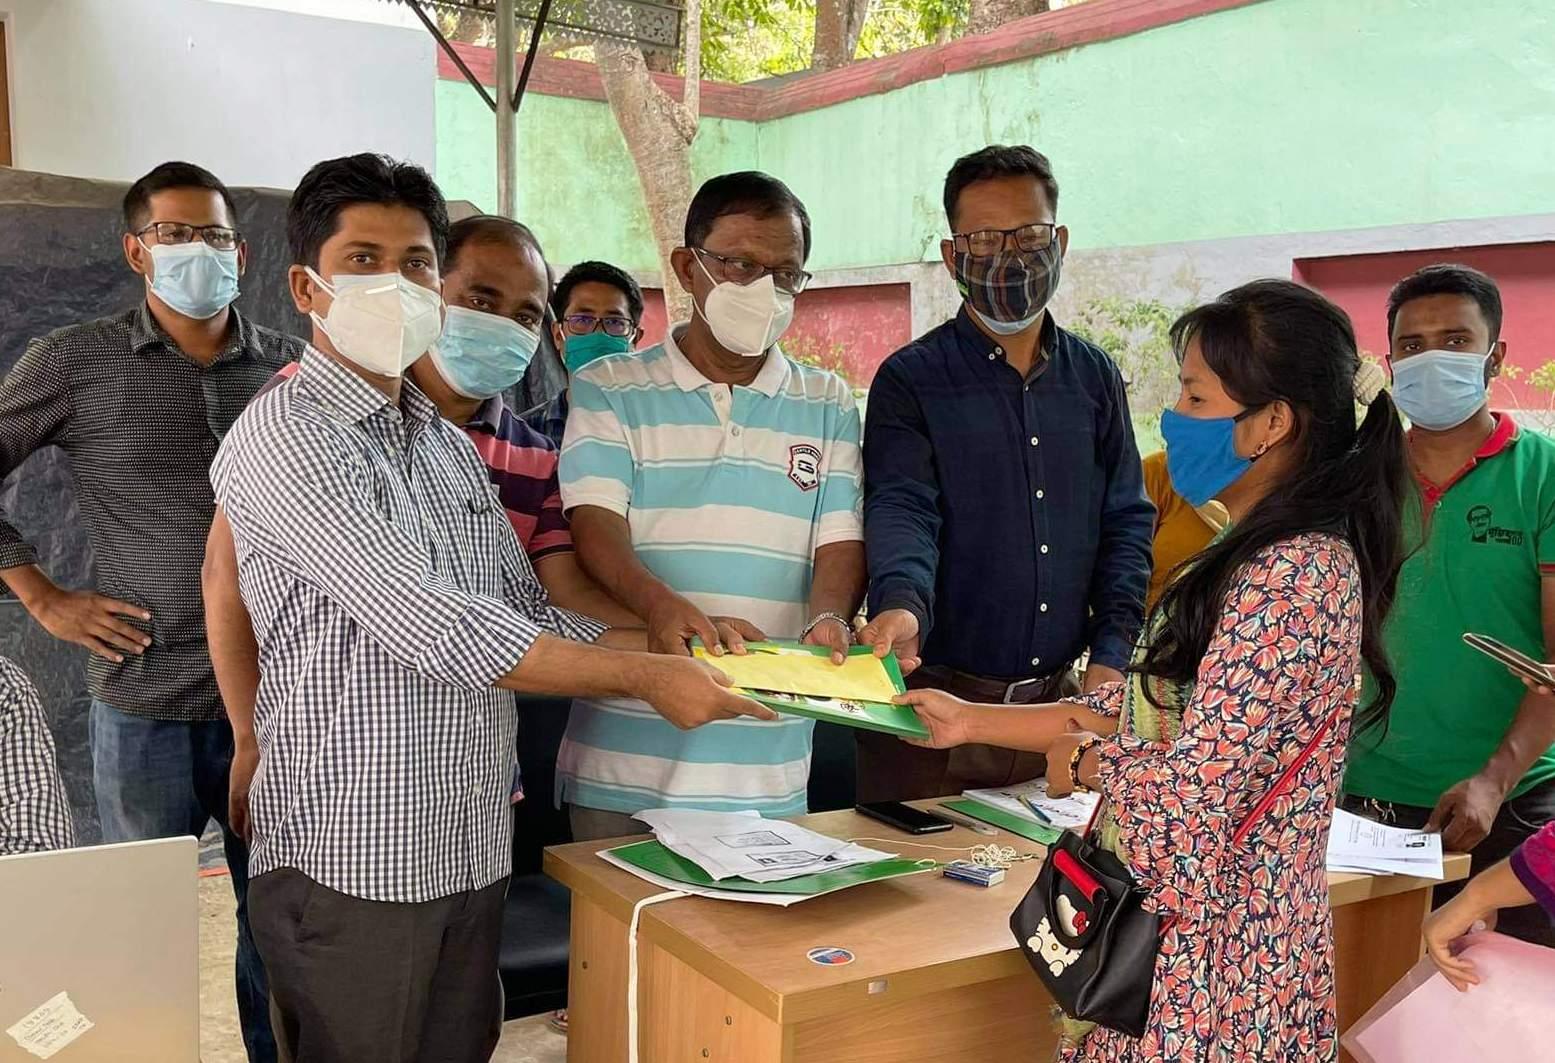 বান্দরবানে উন্নয়ন বোর্ডের শিক্ষা বৃত্তি বিতরণ শুরু